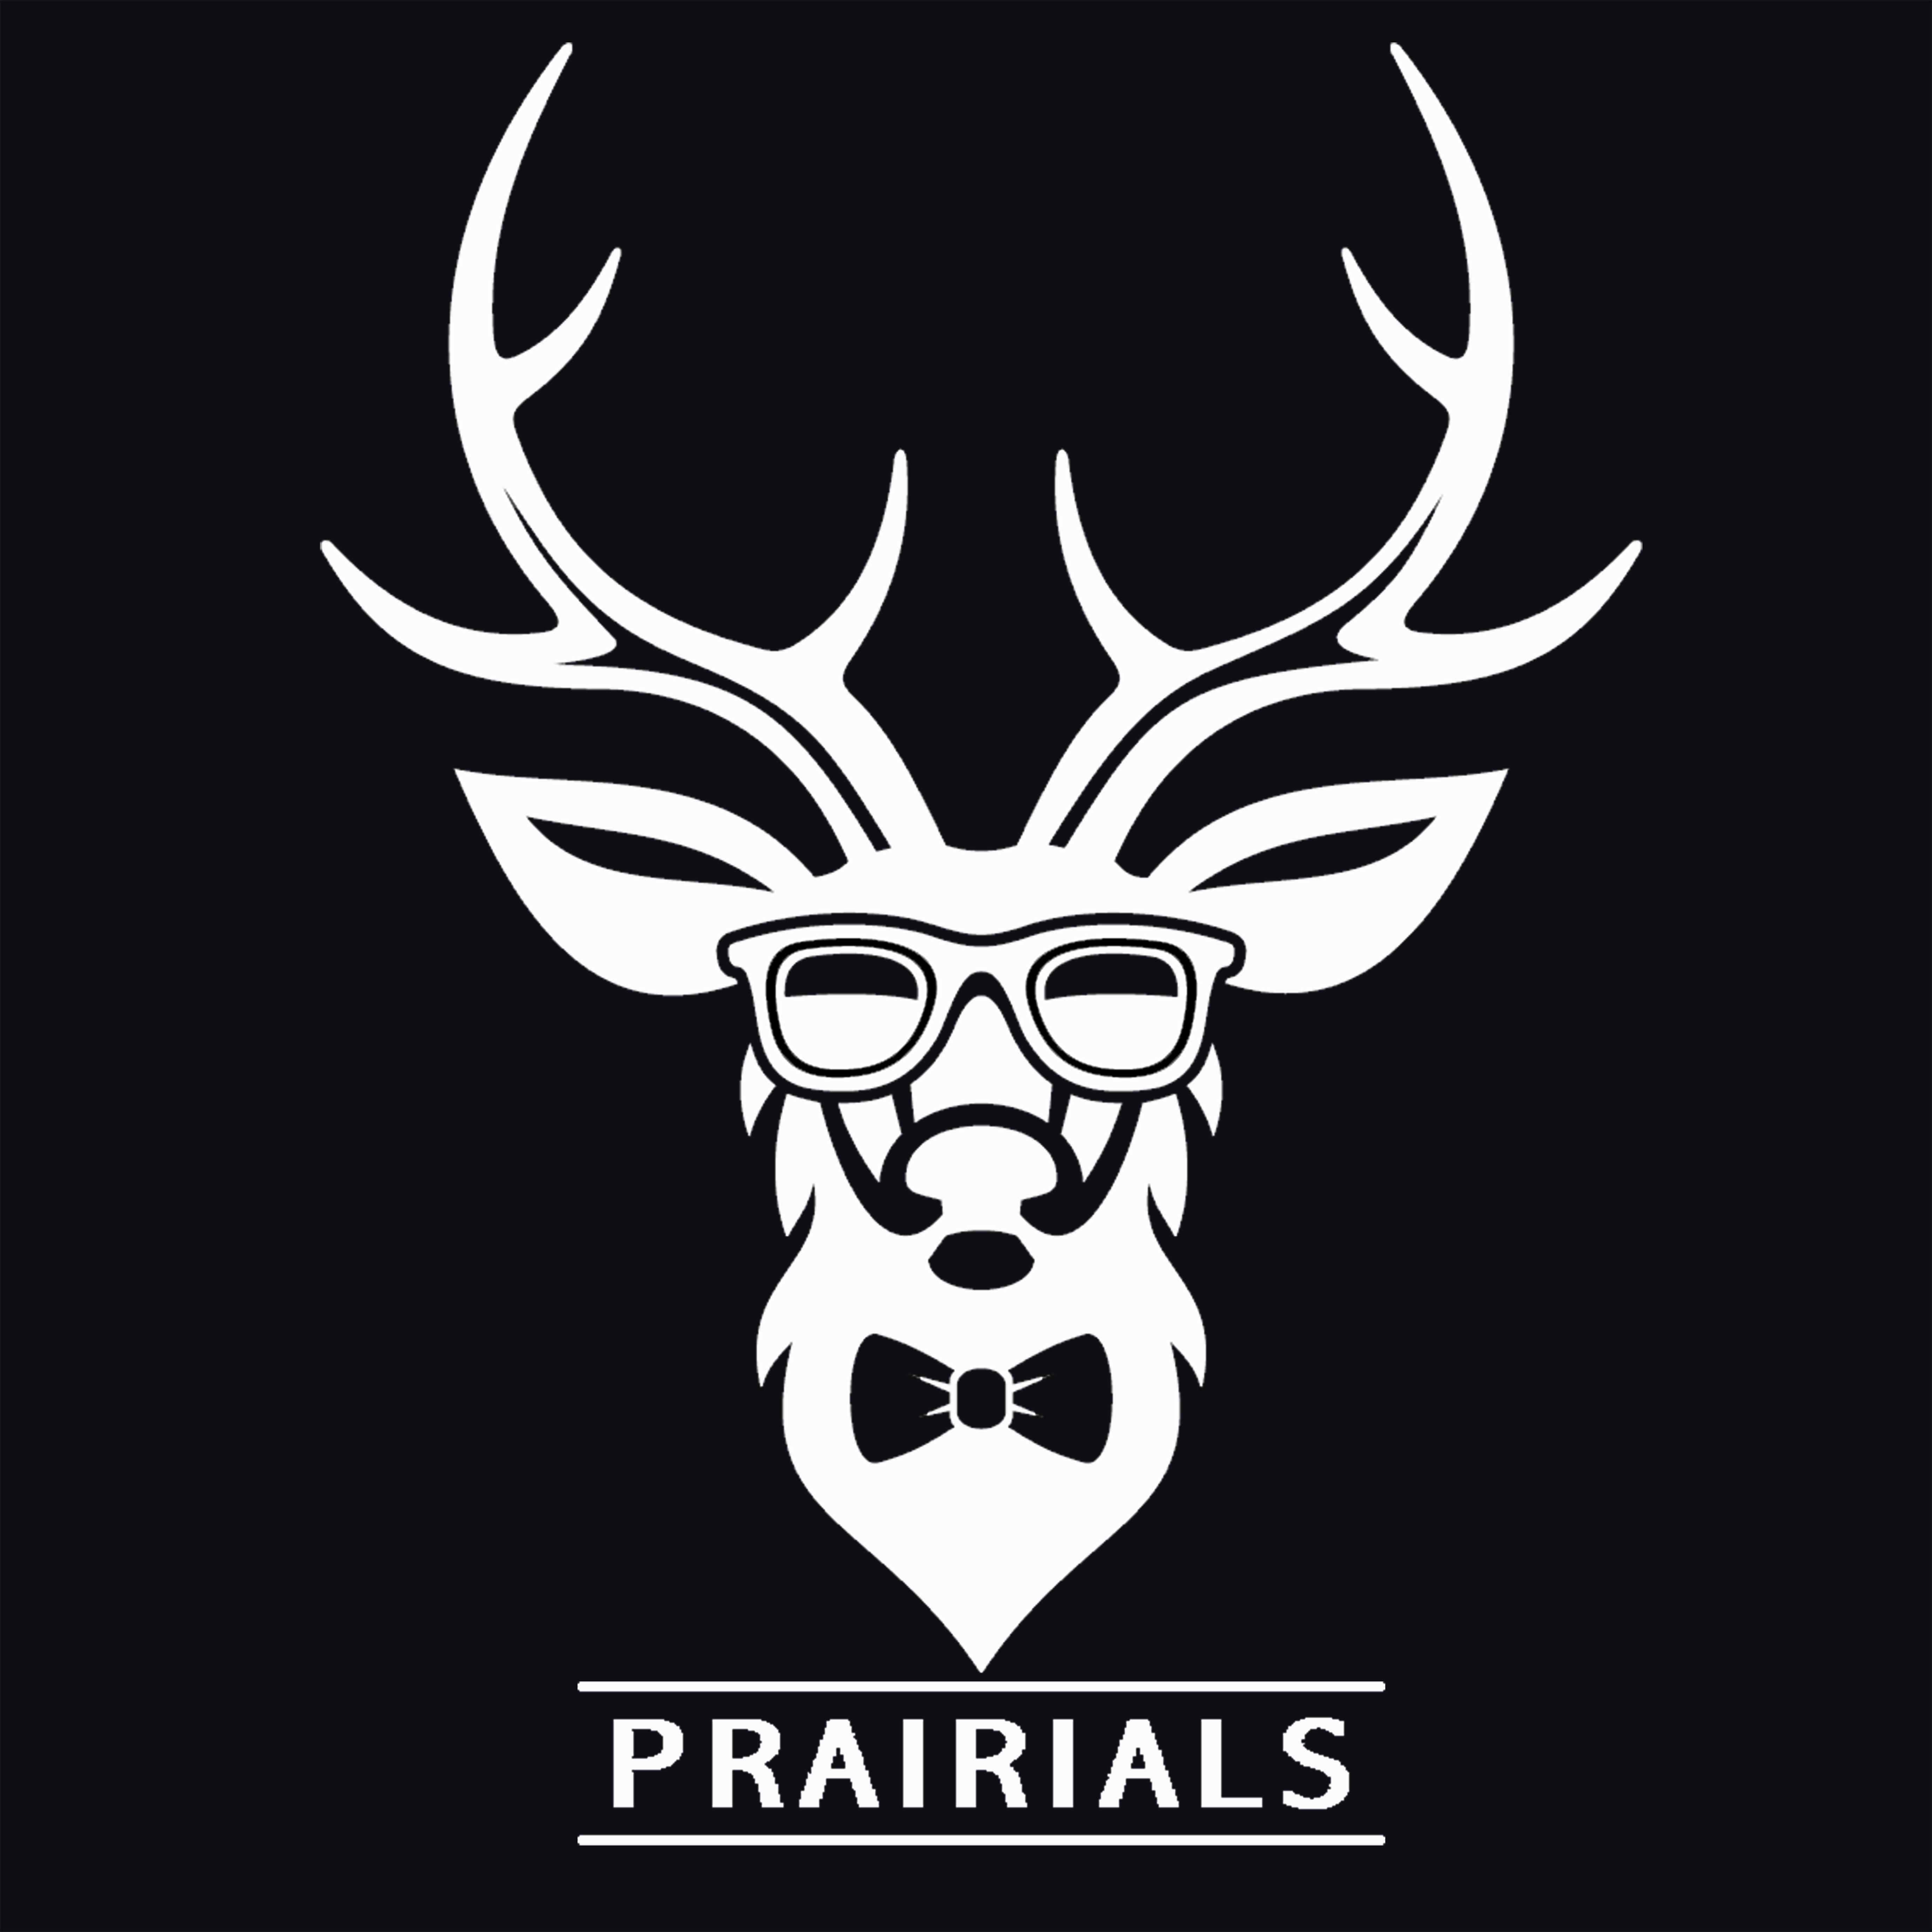 Prairials